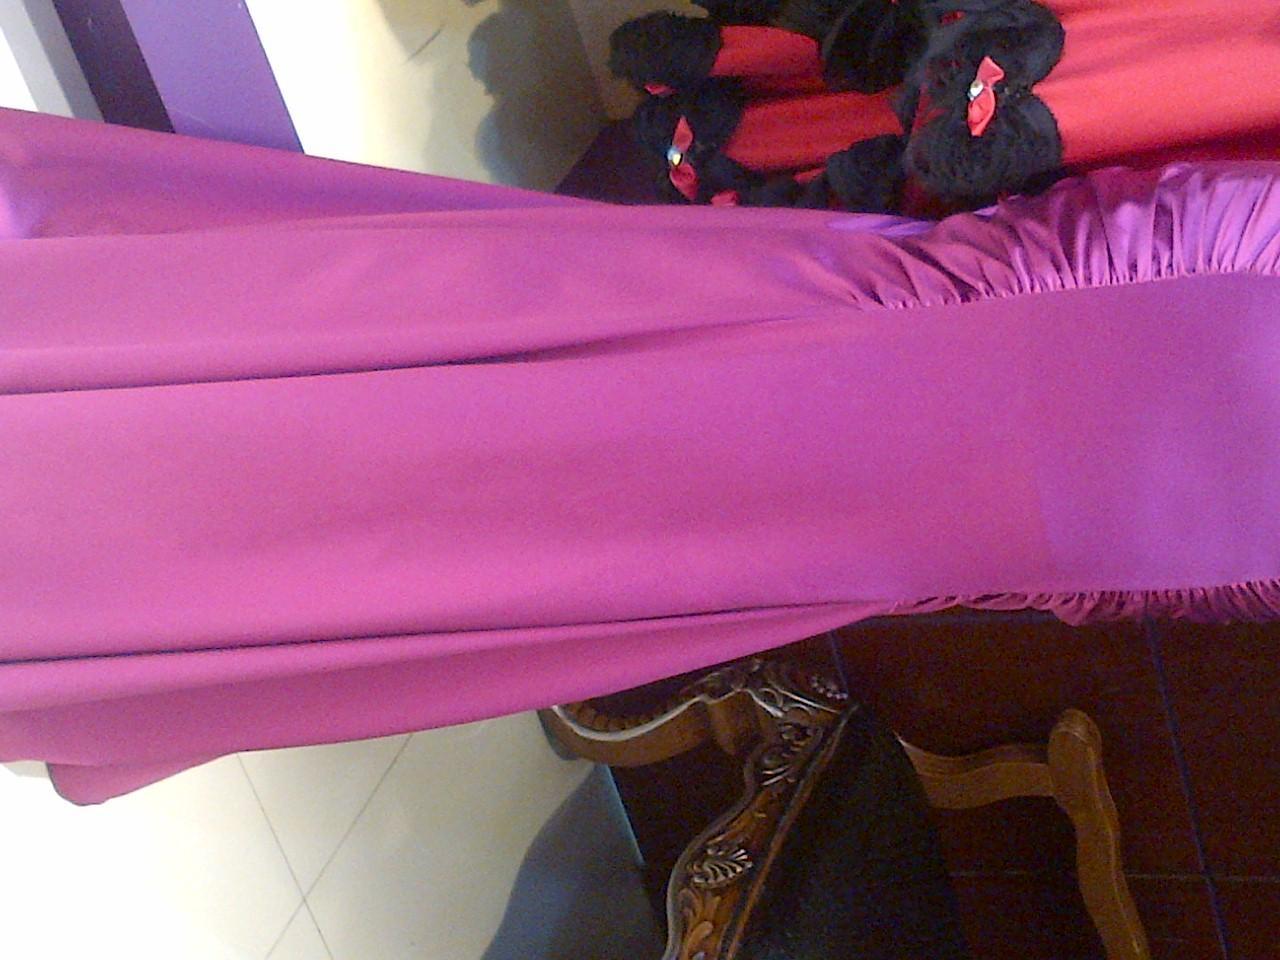 واحد: فستان تركي نفس الصوره بس اللون بين الوردي واللحمي